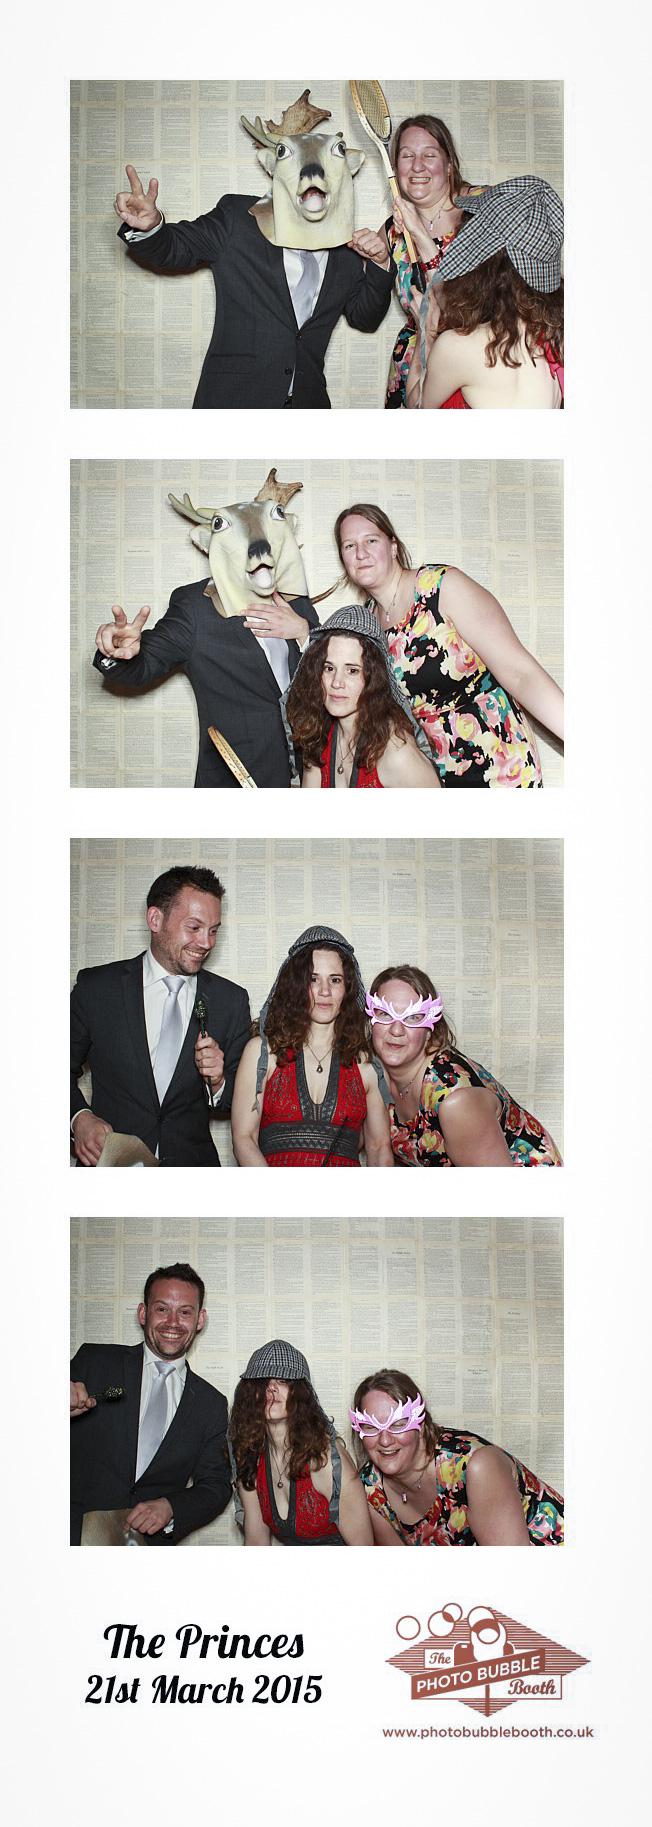 Jay & Andrew Photobubble booth_9.JPG